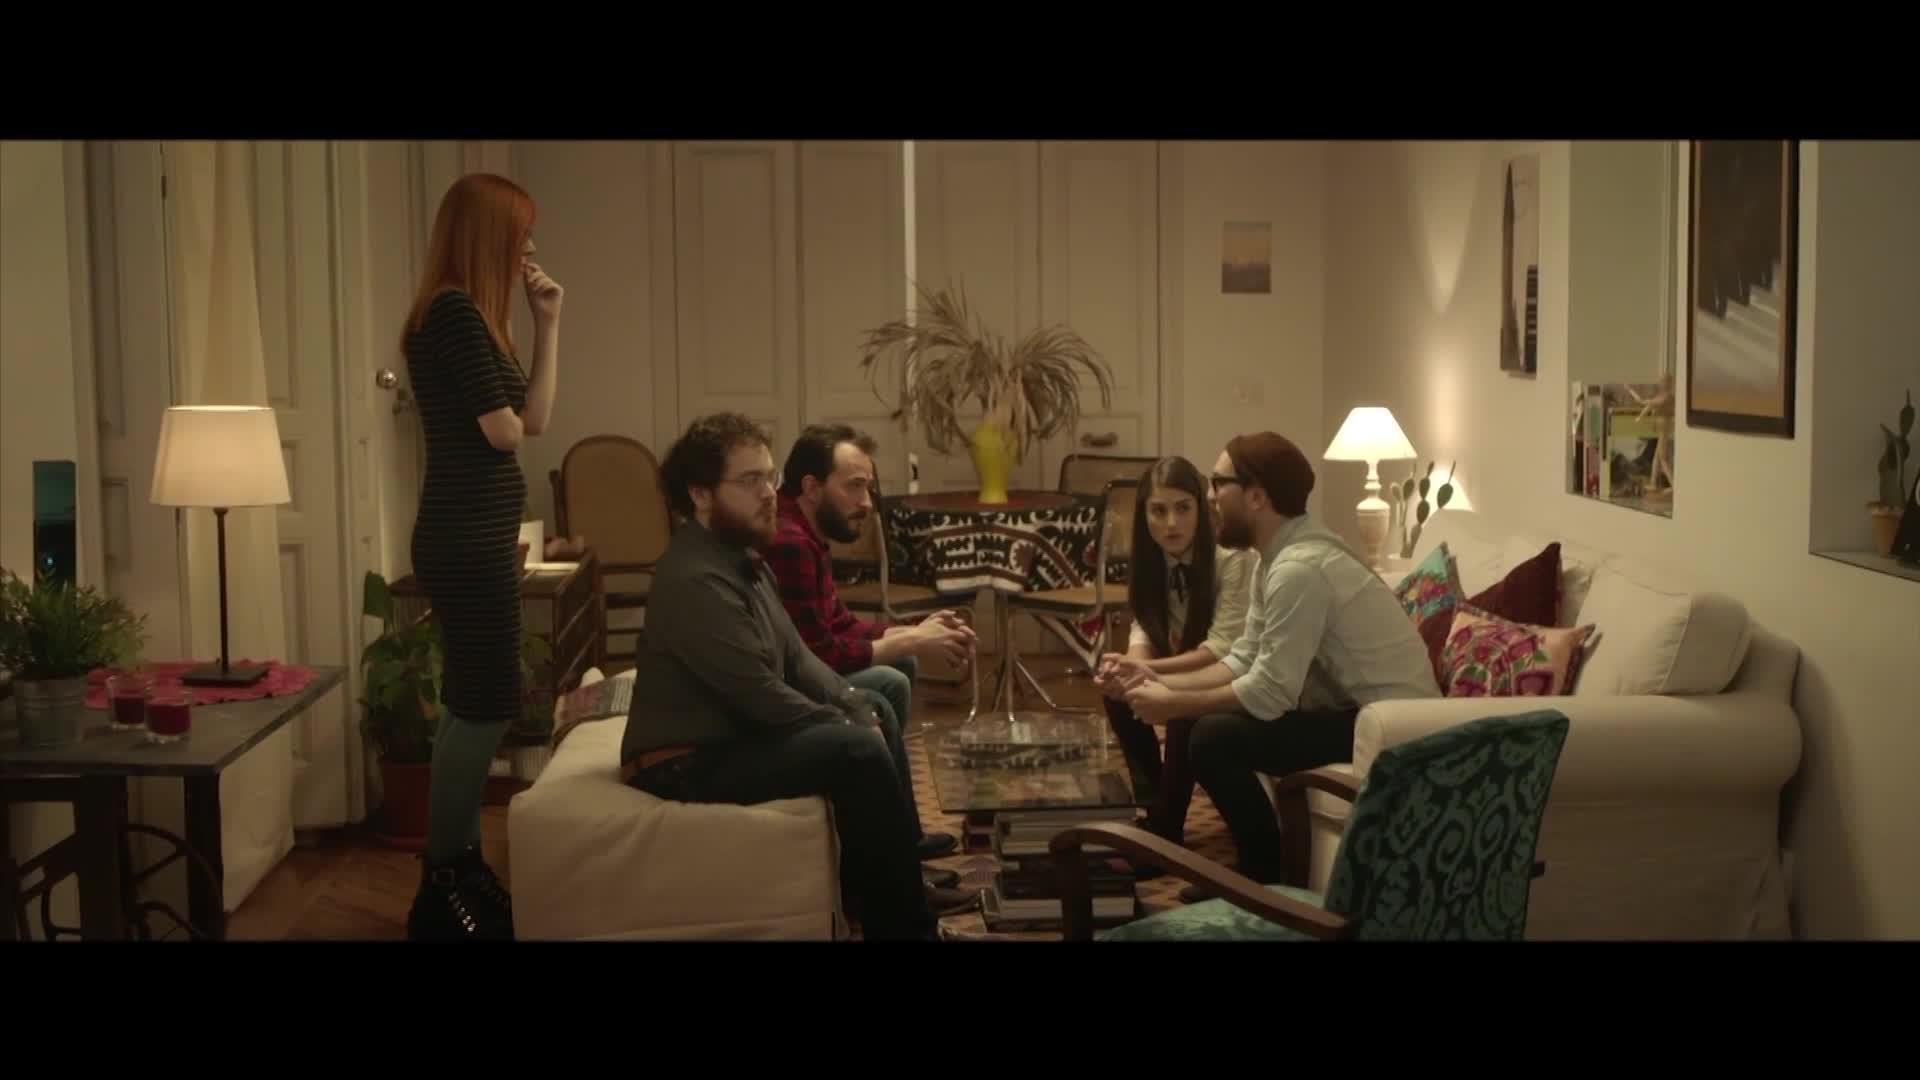 El PP lanza el vídeo 'Hipsters' para reivindicar la variedad del perfil de sus votantes